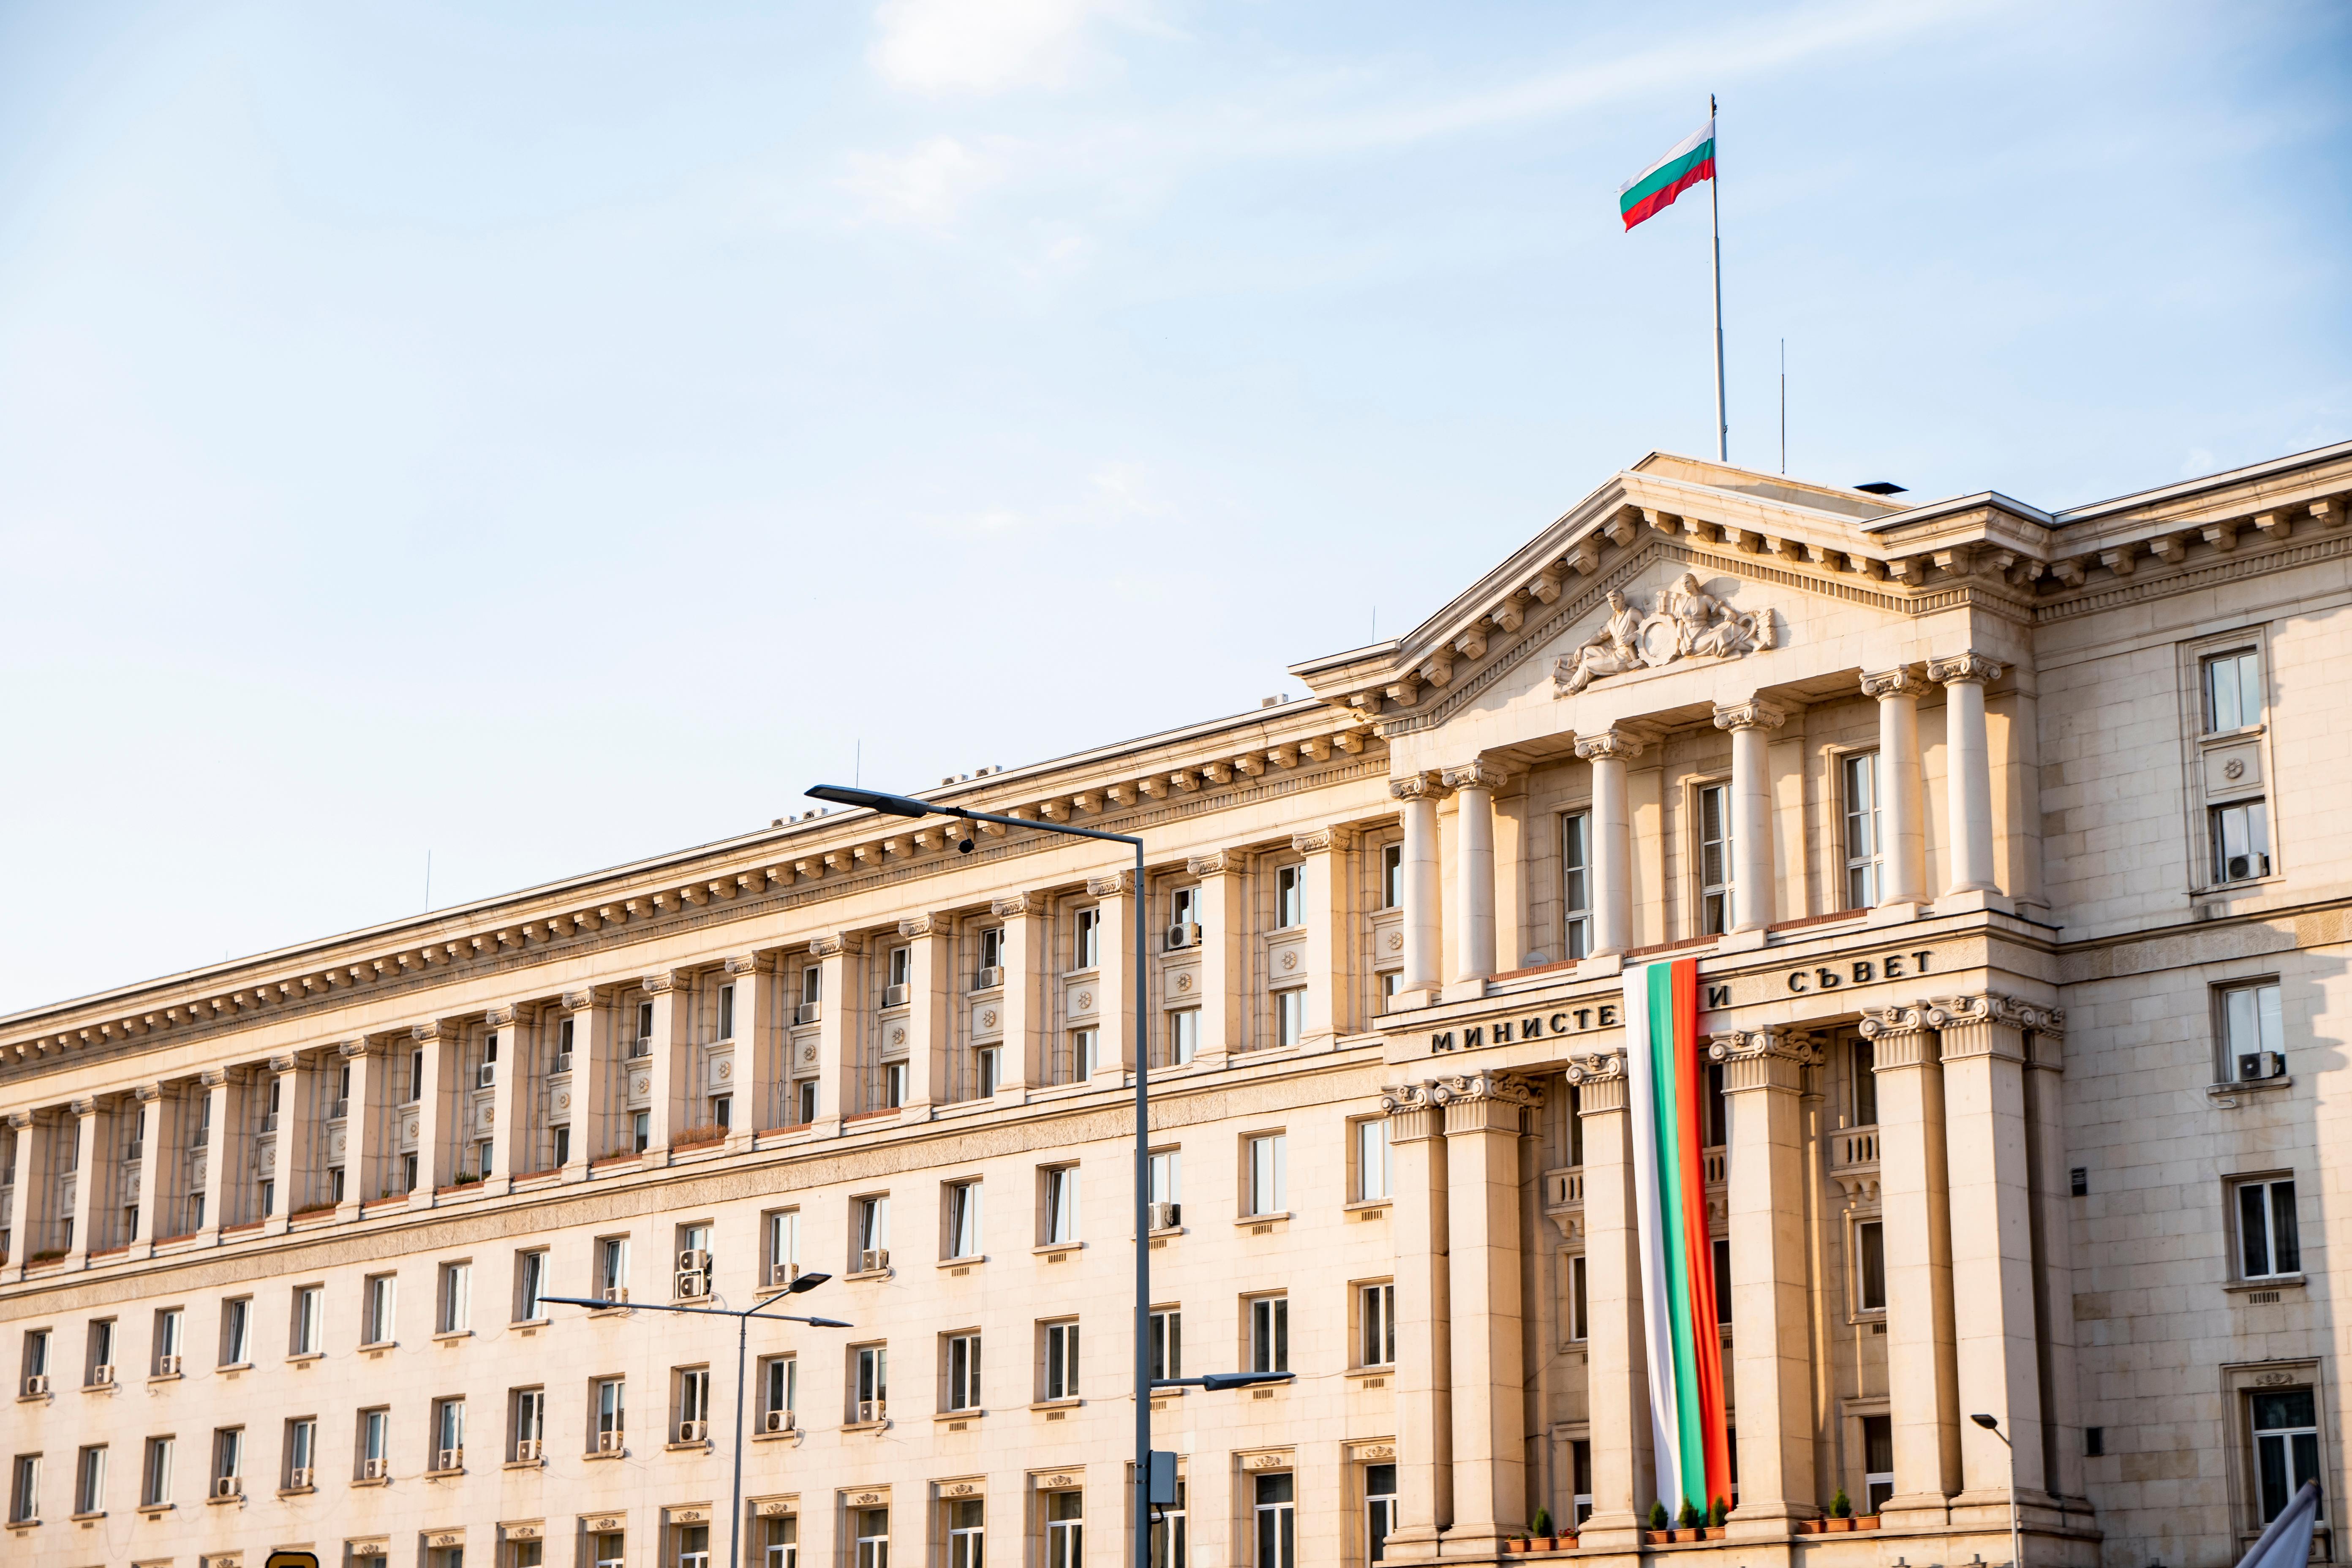 Здание Парламента в Болгарии, гражданство которой можно получить за инвестиции